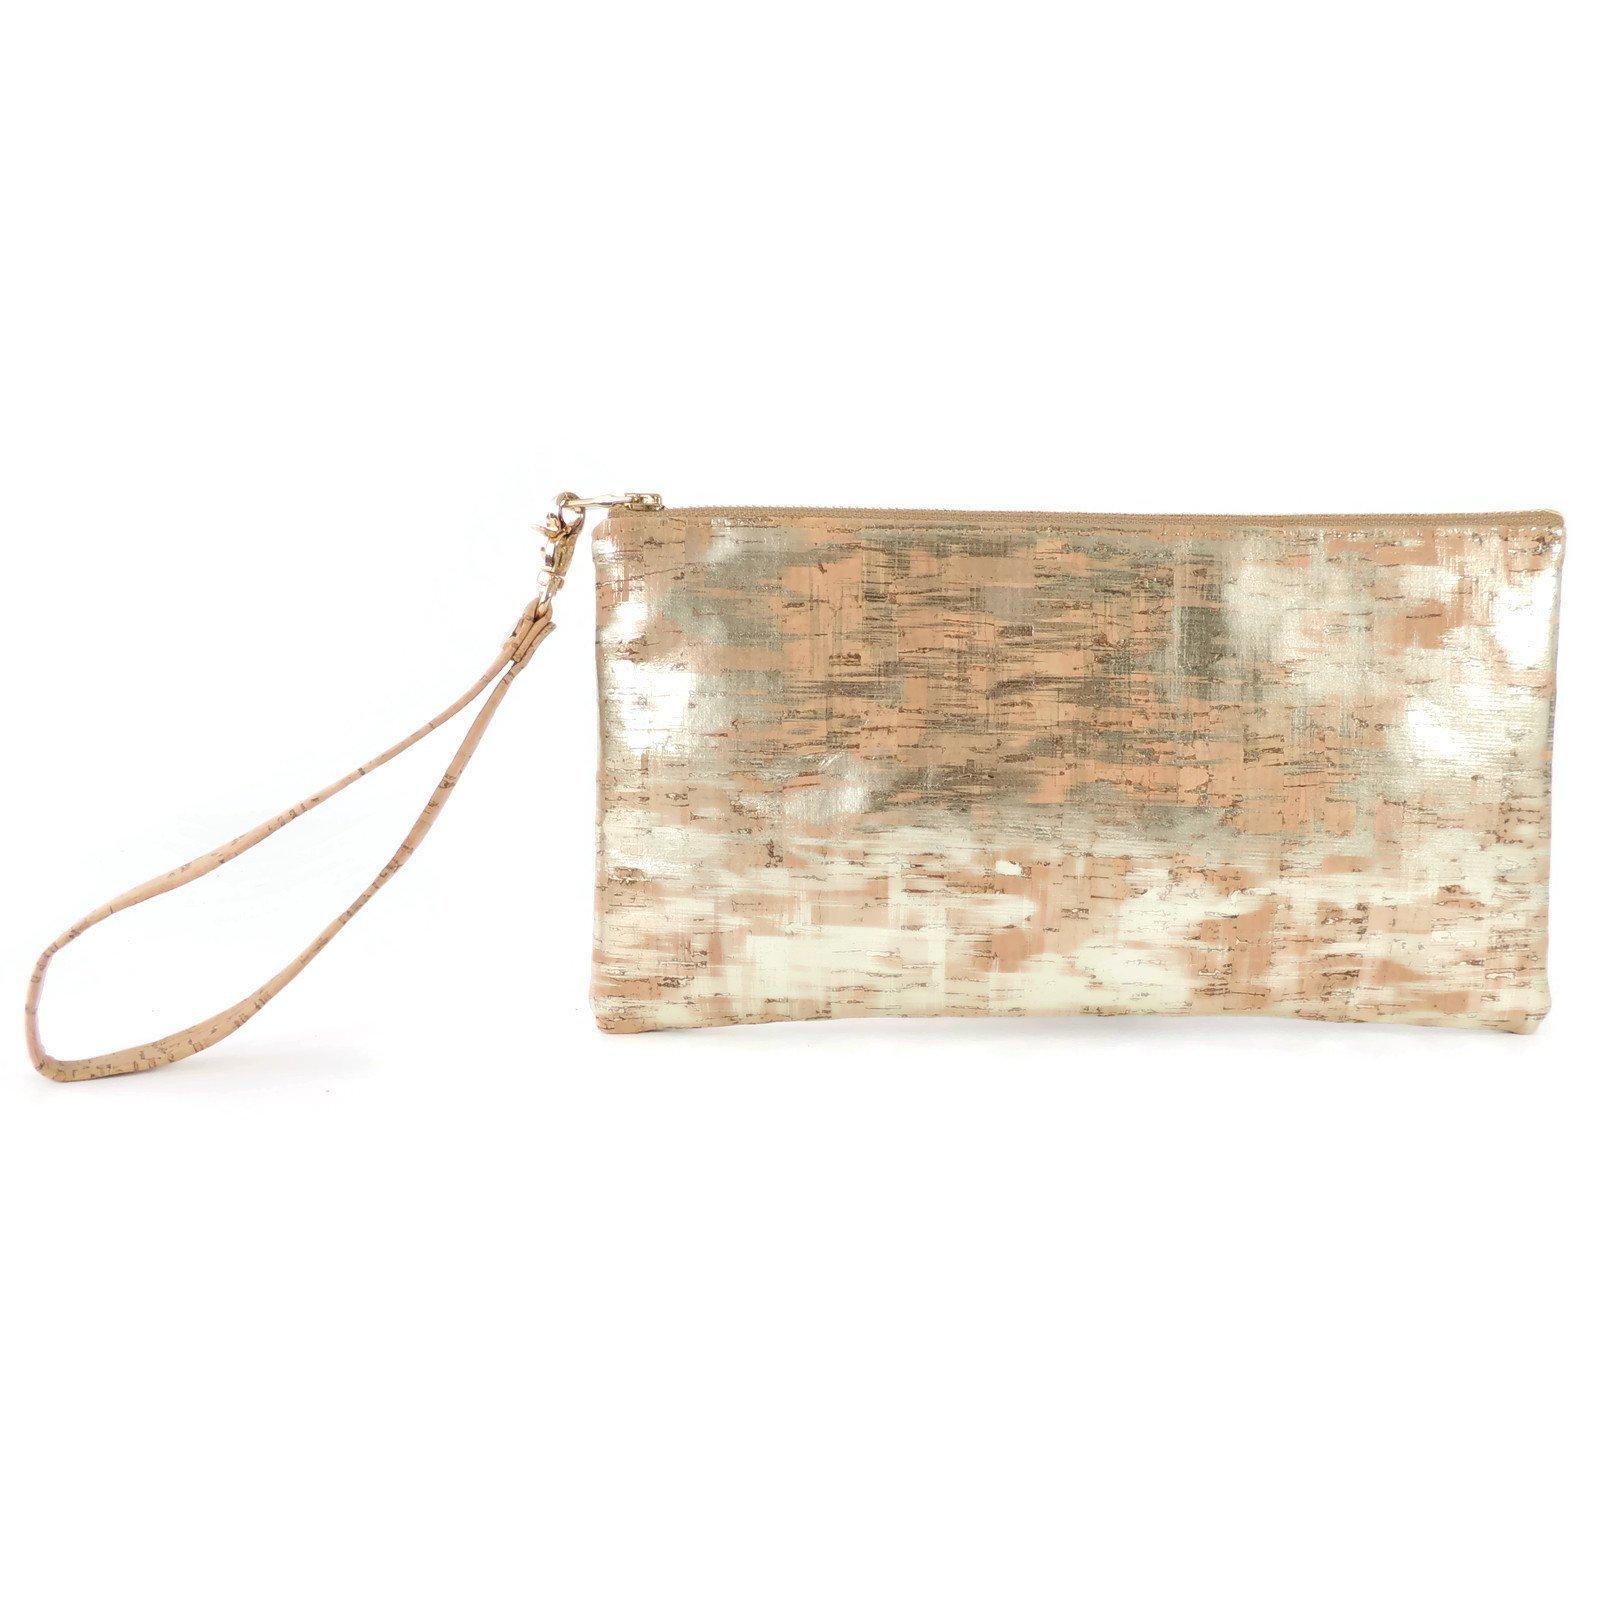 Wristlet Evening Clutch Bag in Brushed Gold Cork